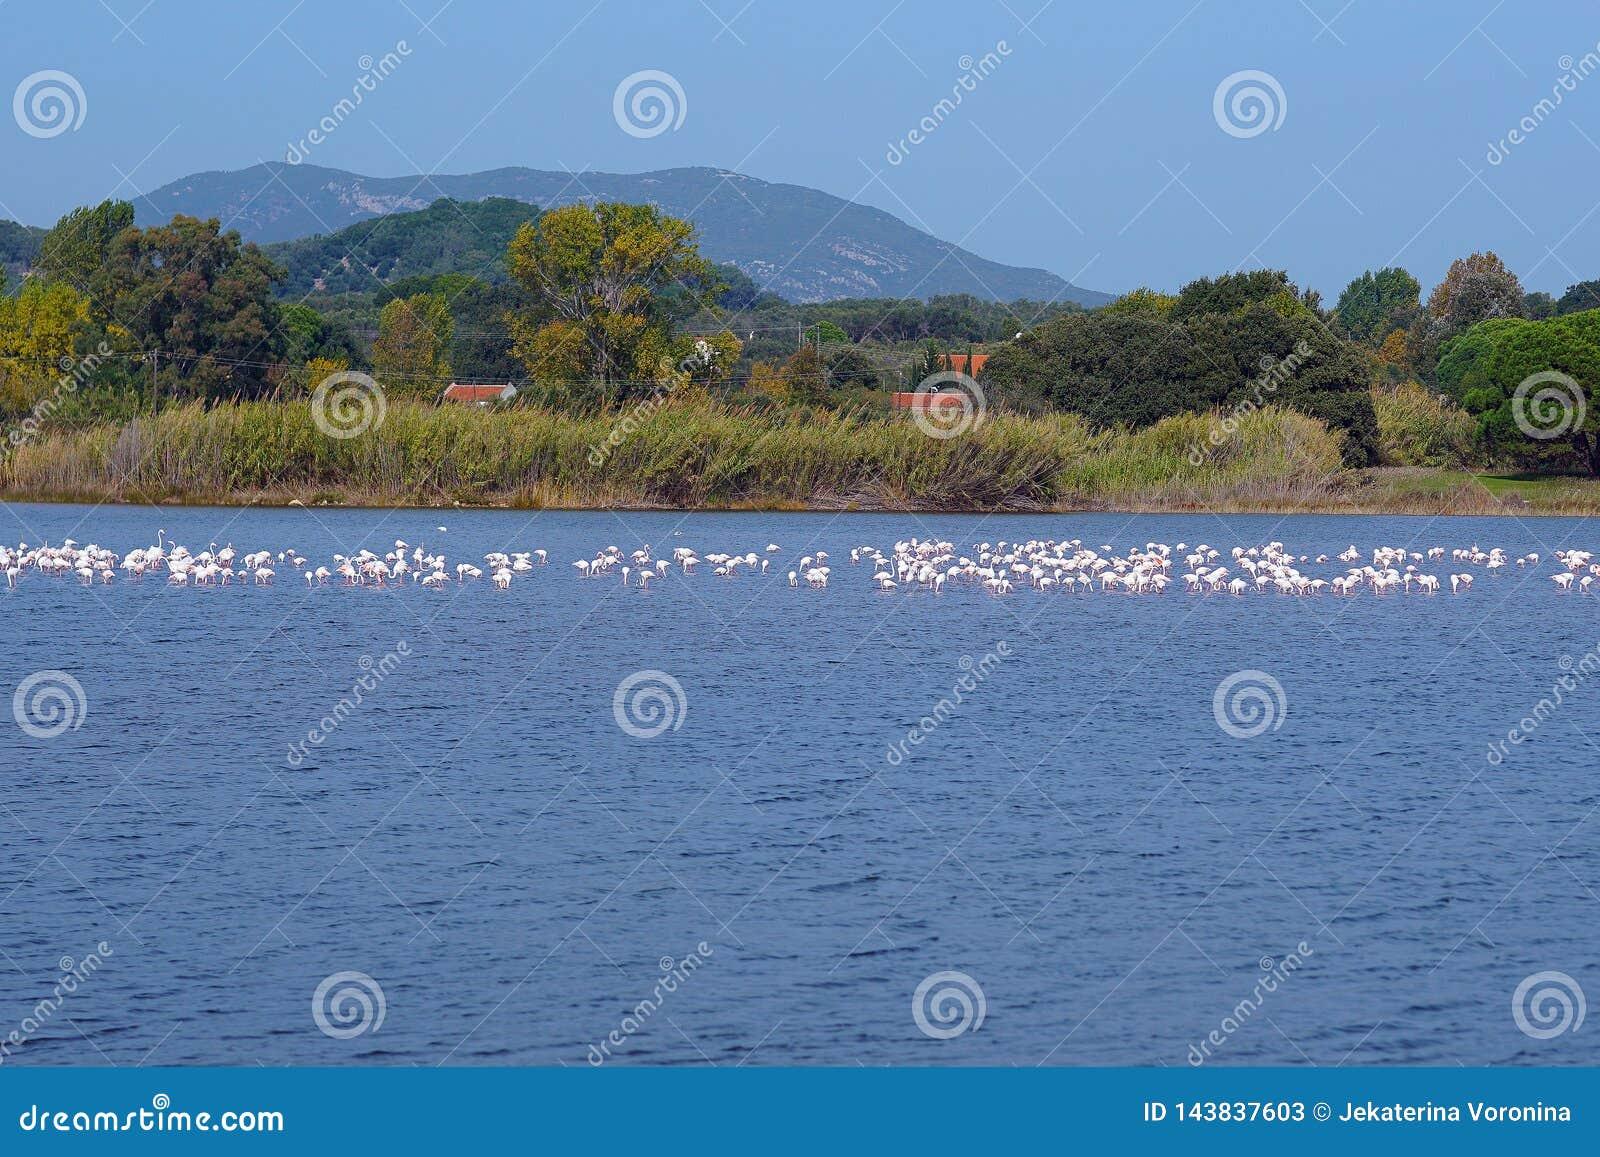 O lago Korission é um ecossistema muito importante de Corfu, onde muitas aves migratórias como flamingos cor-de-rosa param